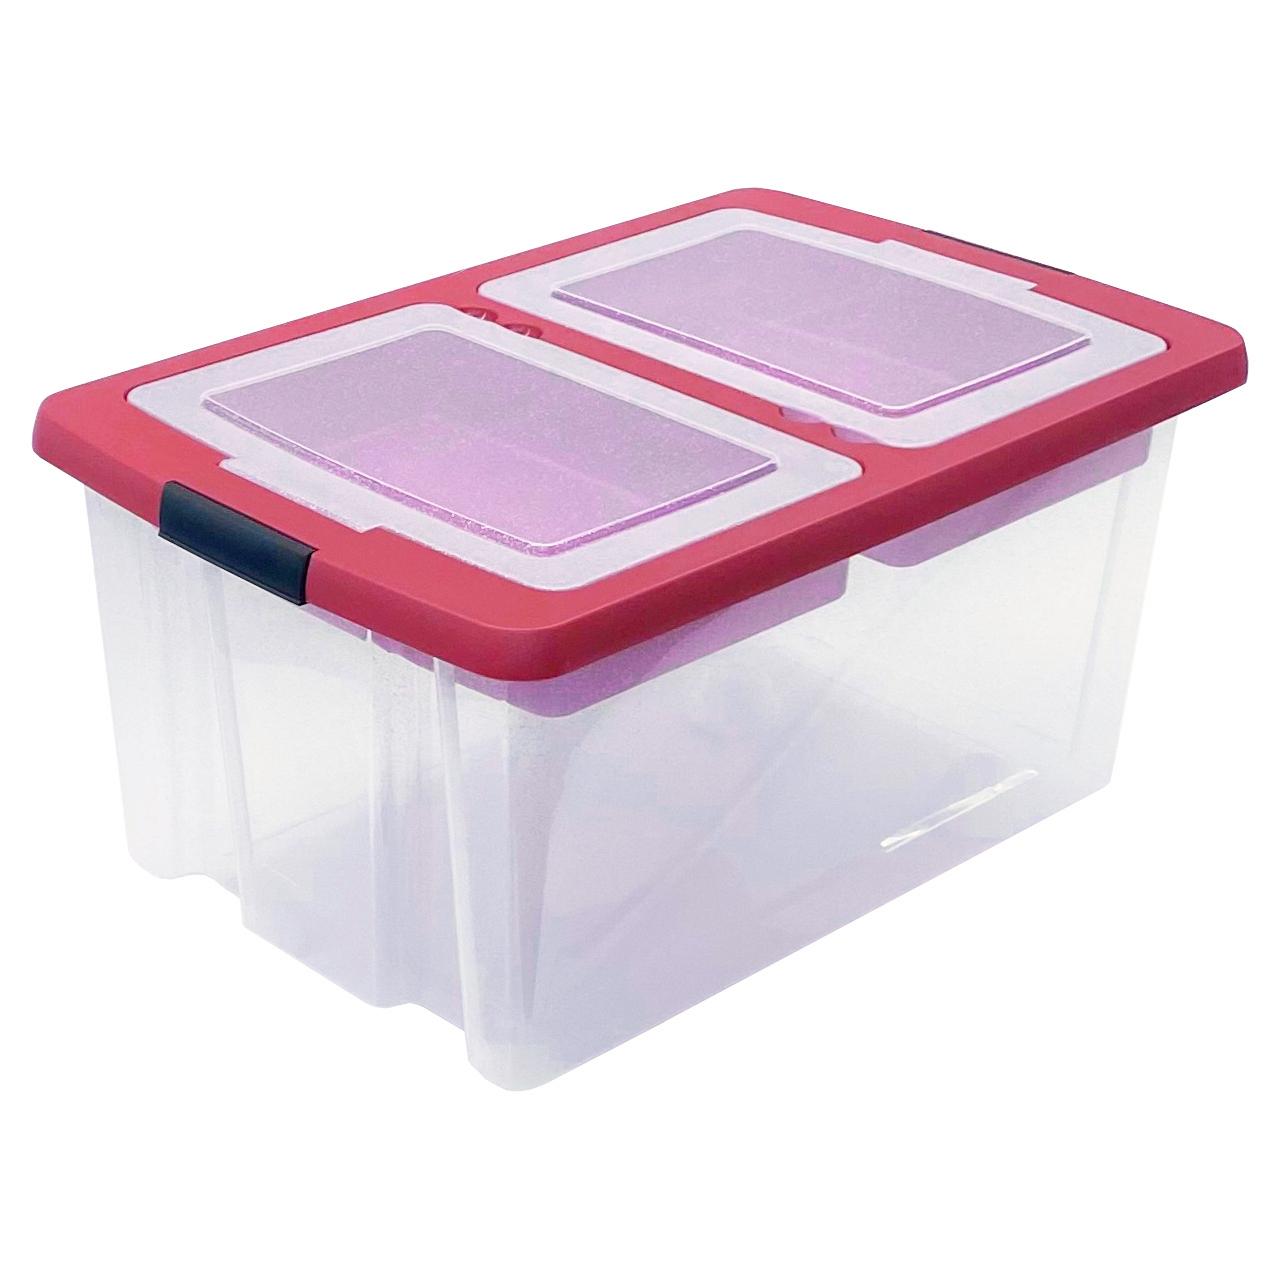 TOP-BOX Edition UNIVERSAL Aufbewahrungsbox mit Deckel 59x40x29 cm transparent-rot